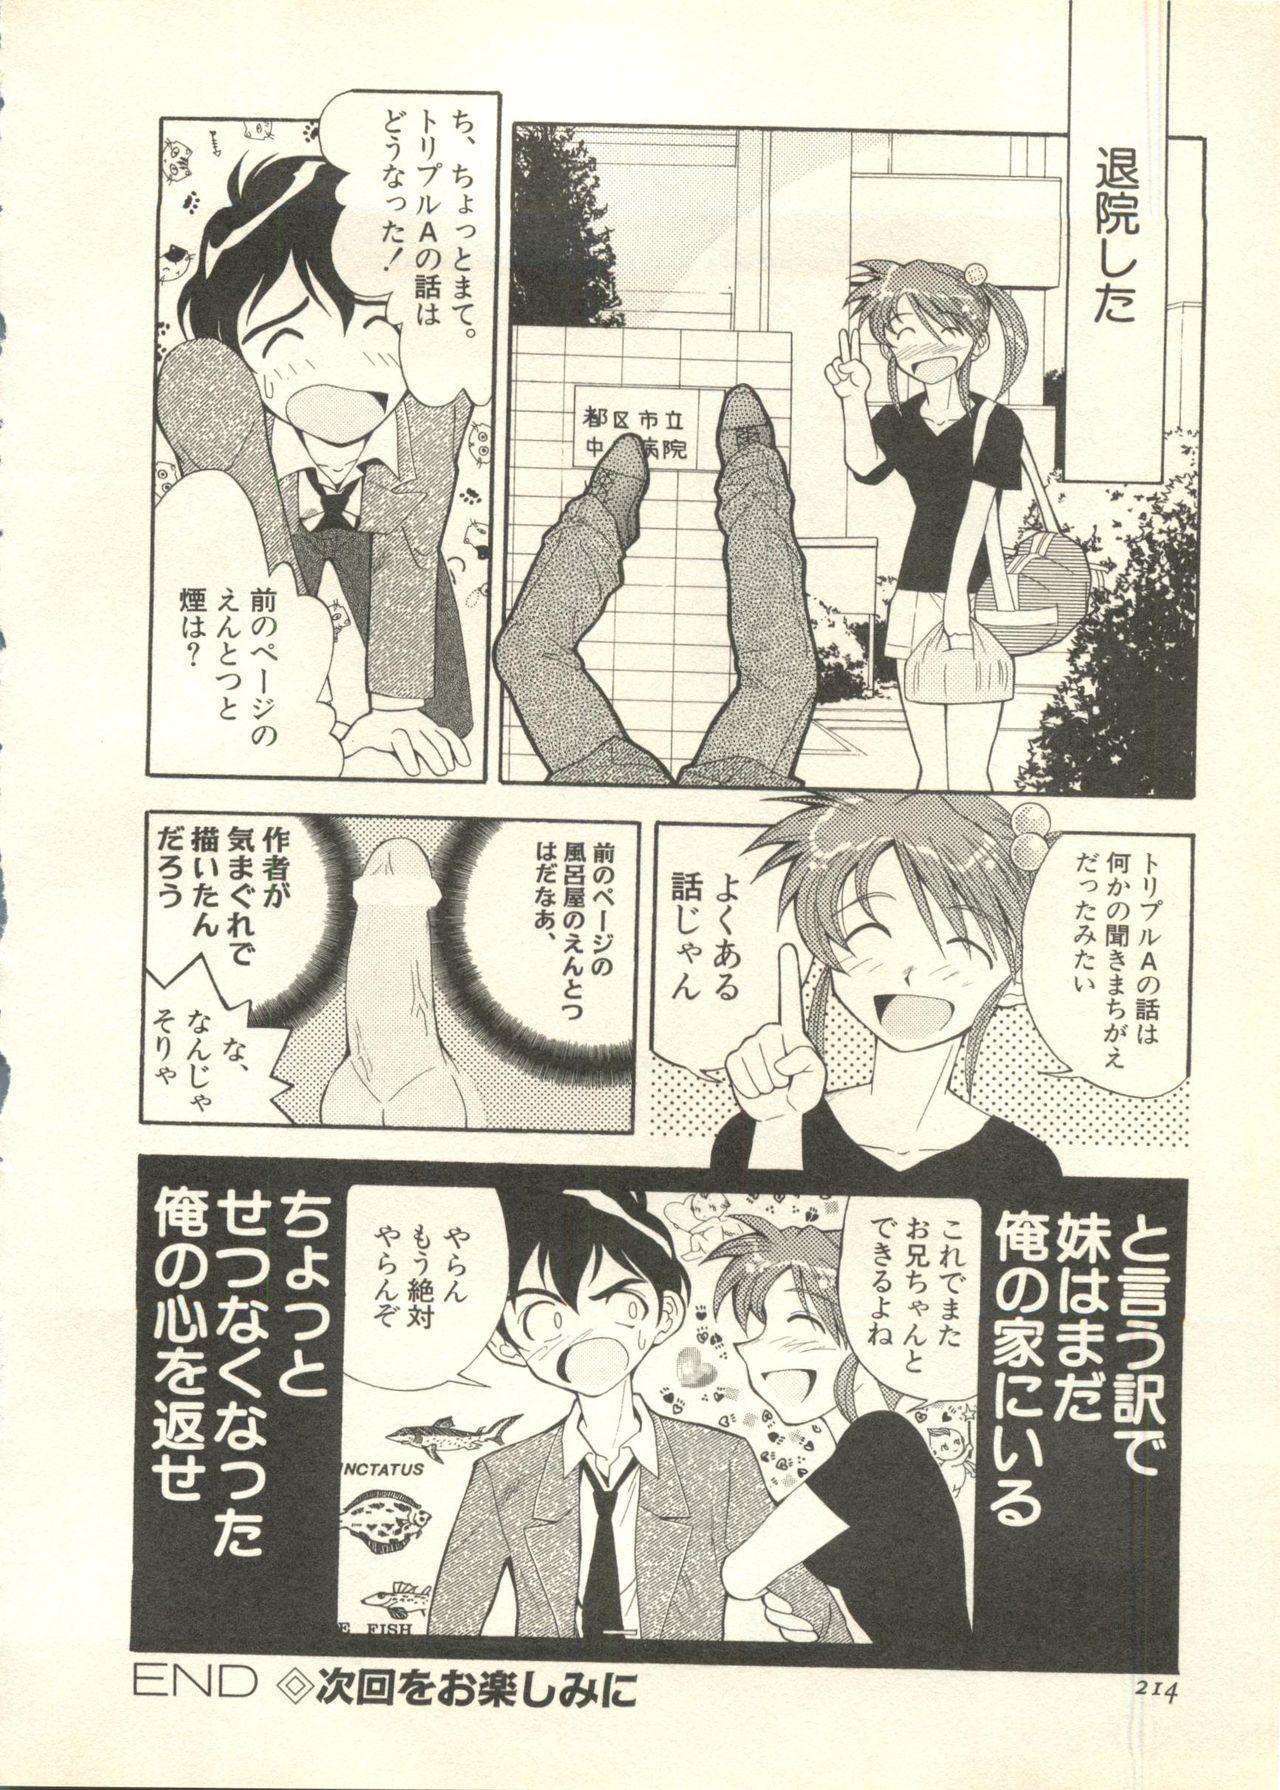 Pai;kuu 1998 July Vol. 11 214